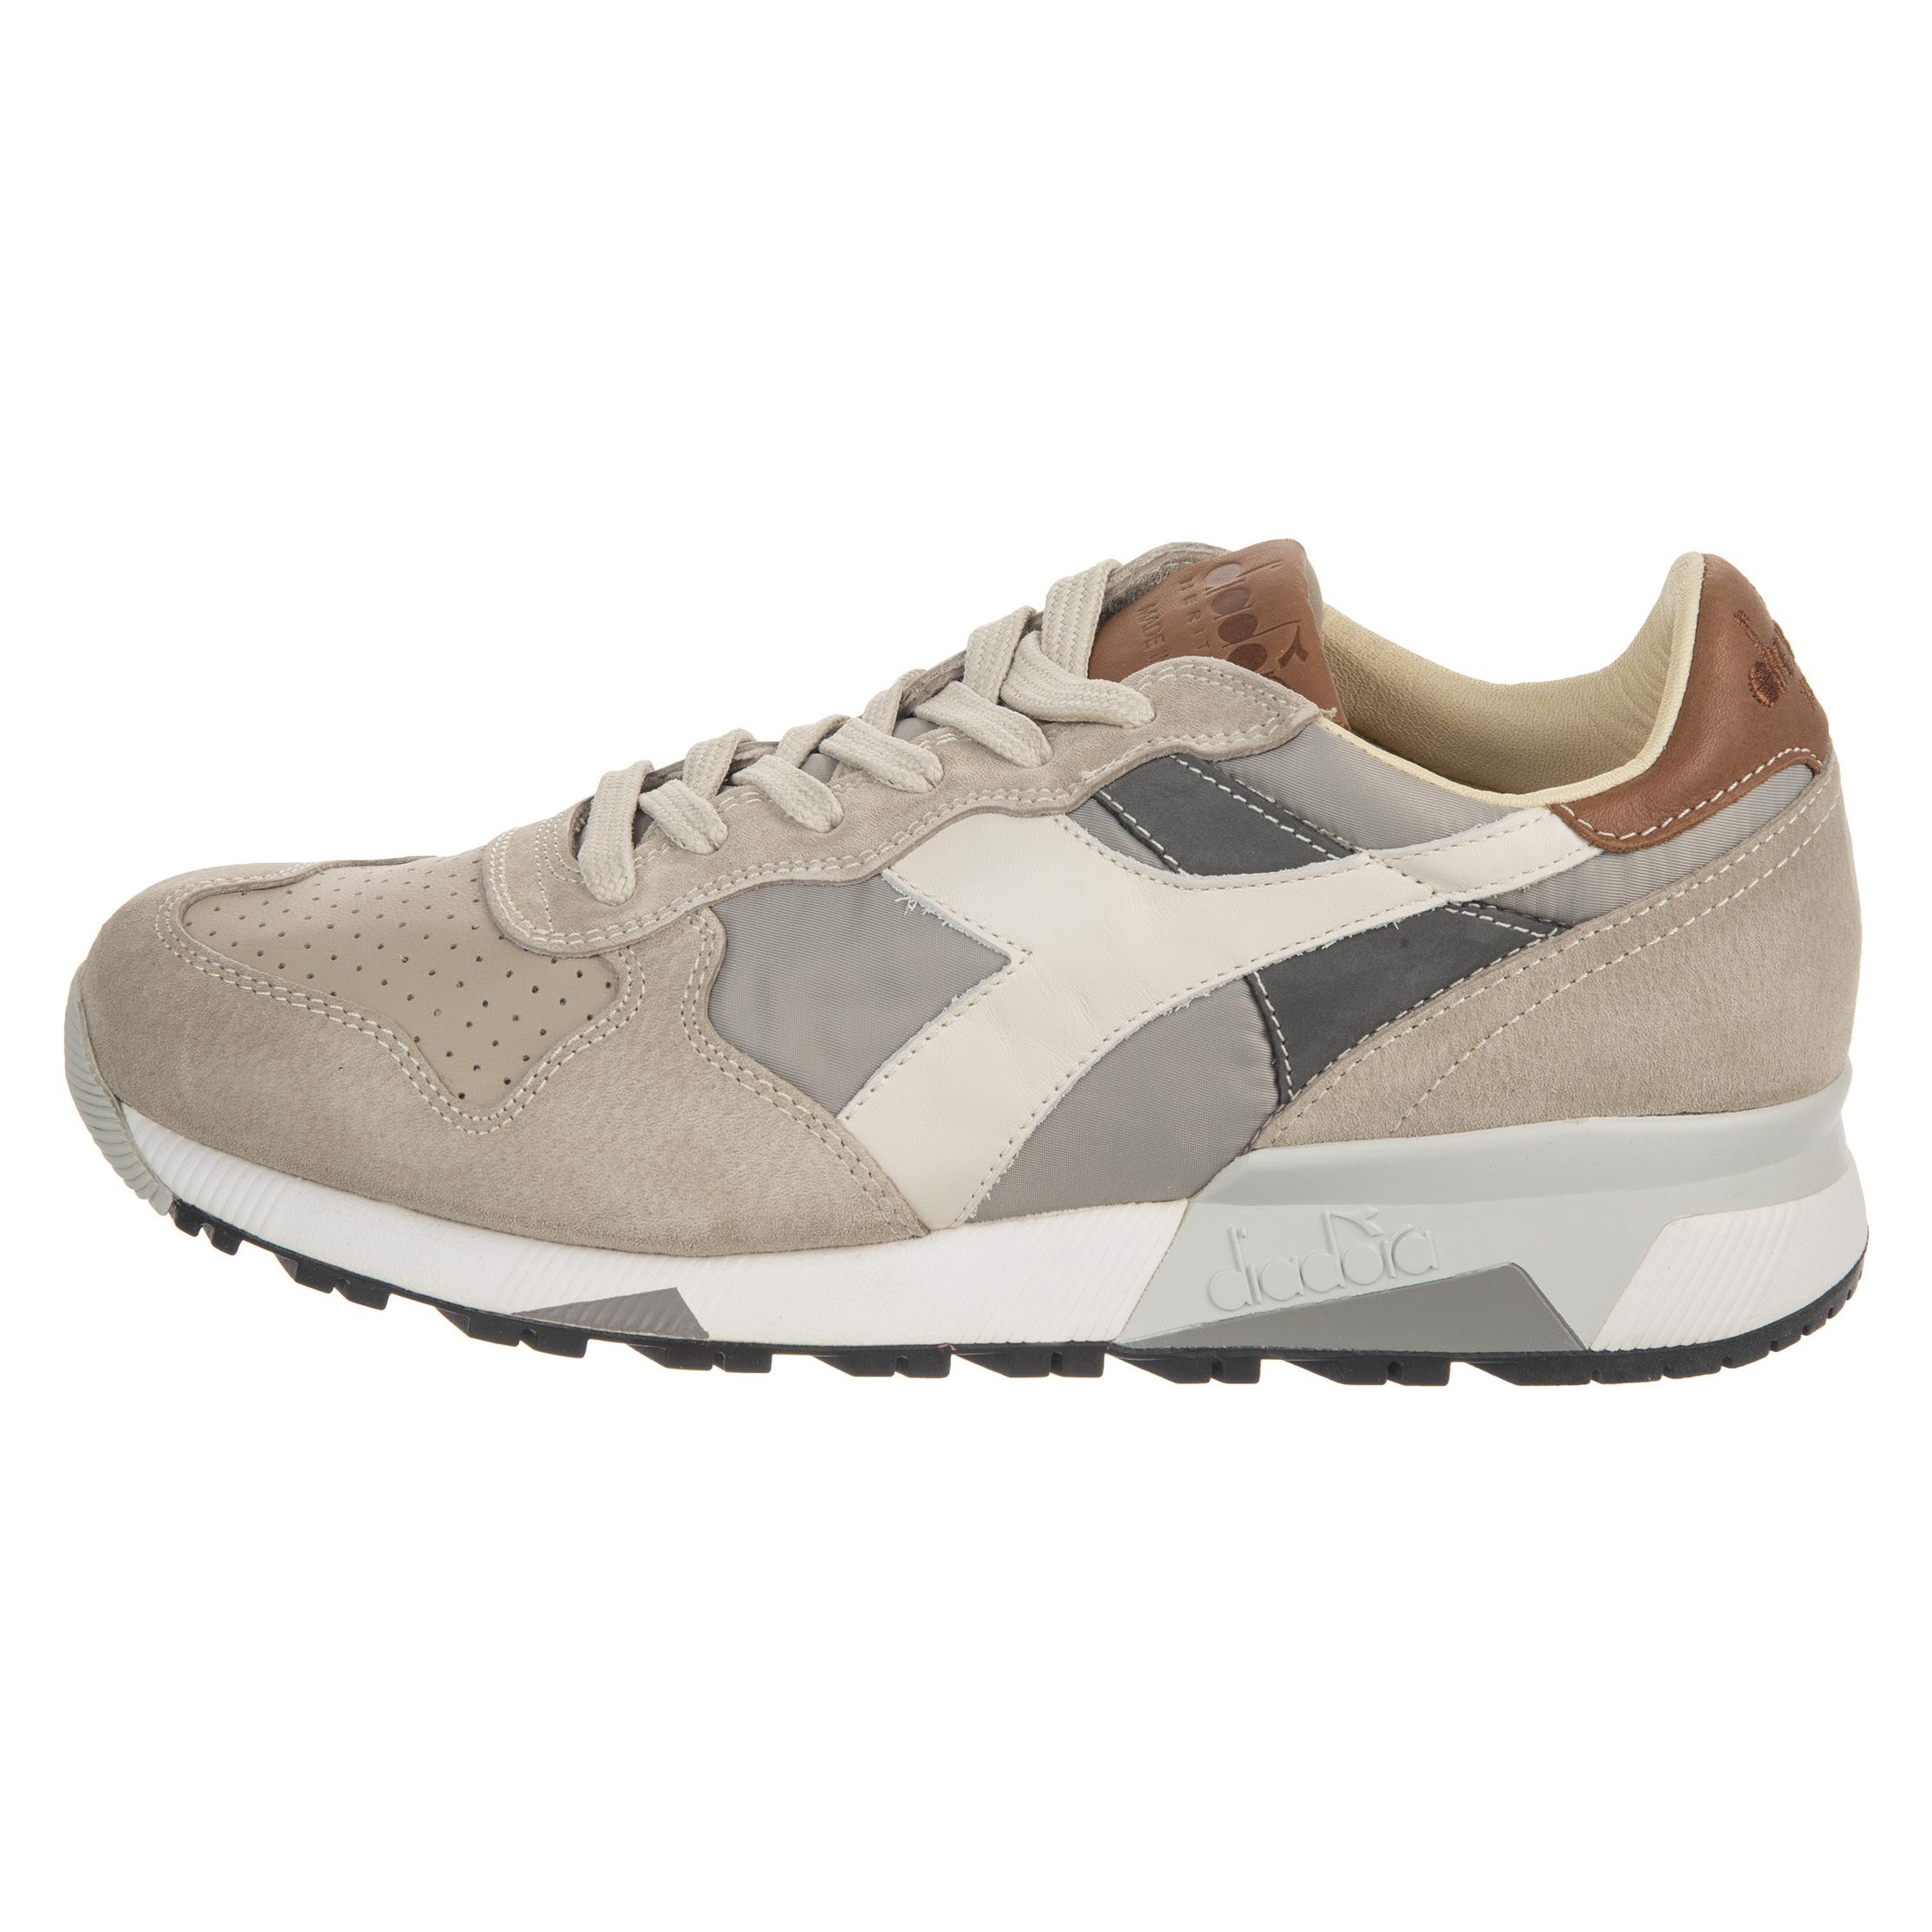 کفش مخصوص پیاده روی مردانه دیادورا کد Triedent nyl 75124